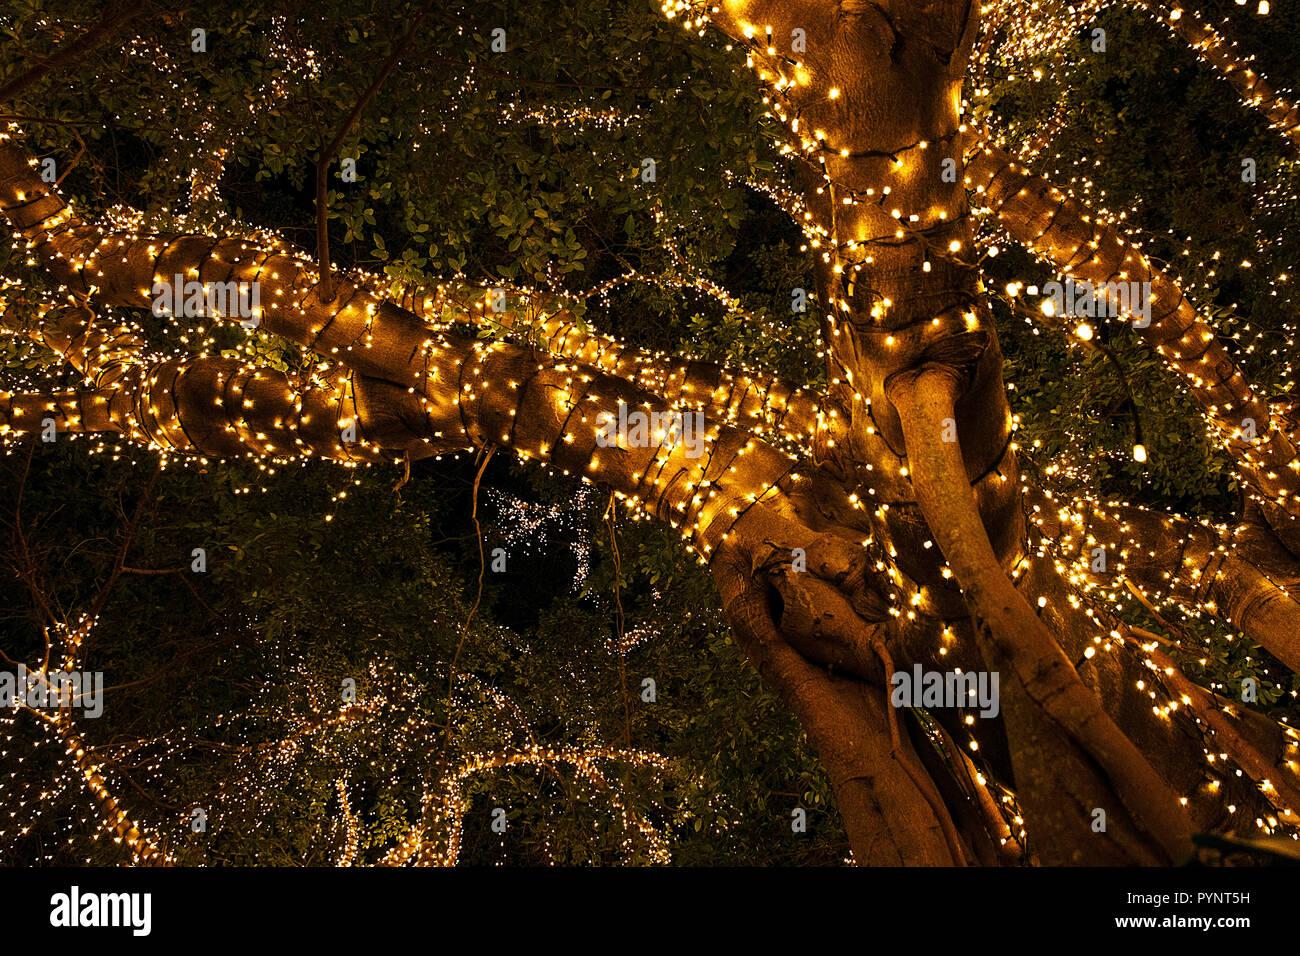 illuminated park, brisbane - Stock Image